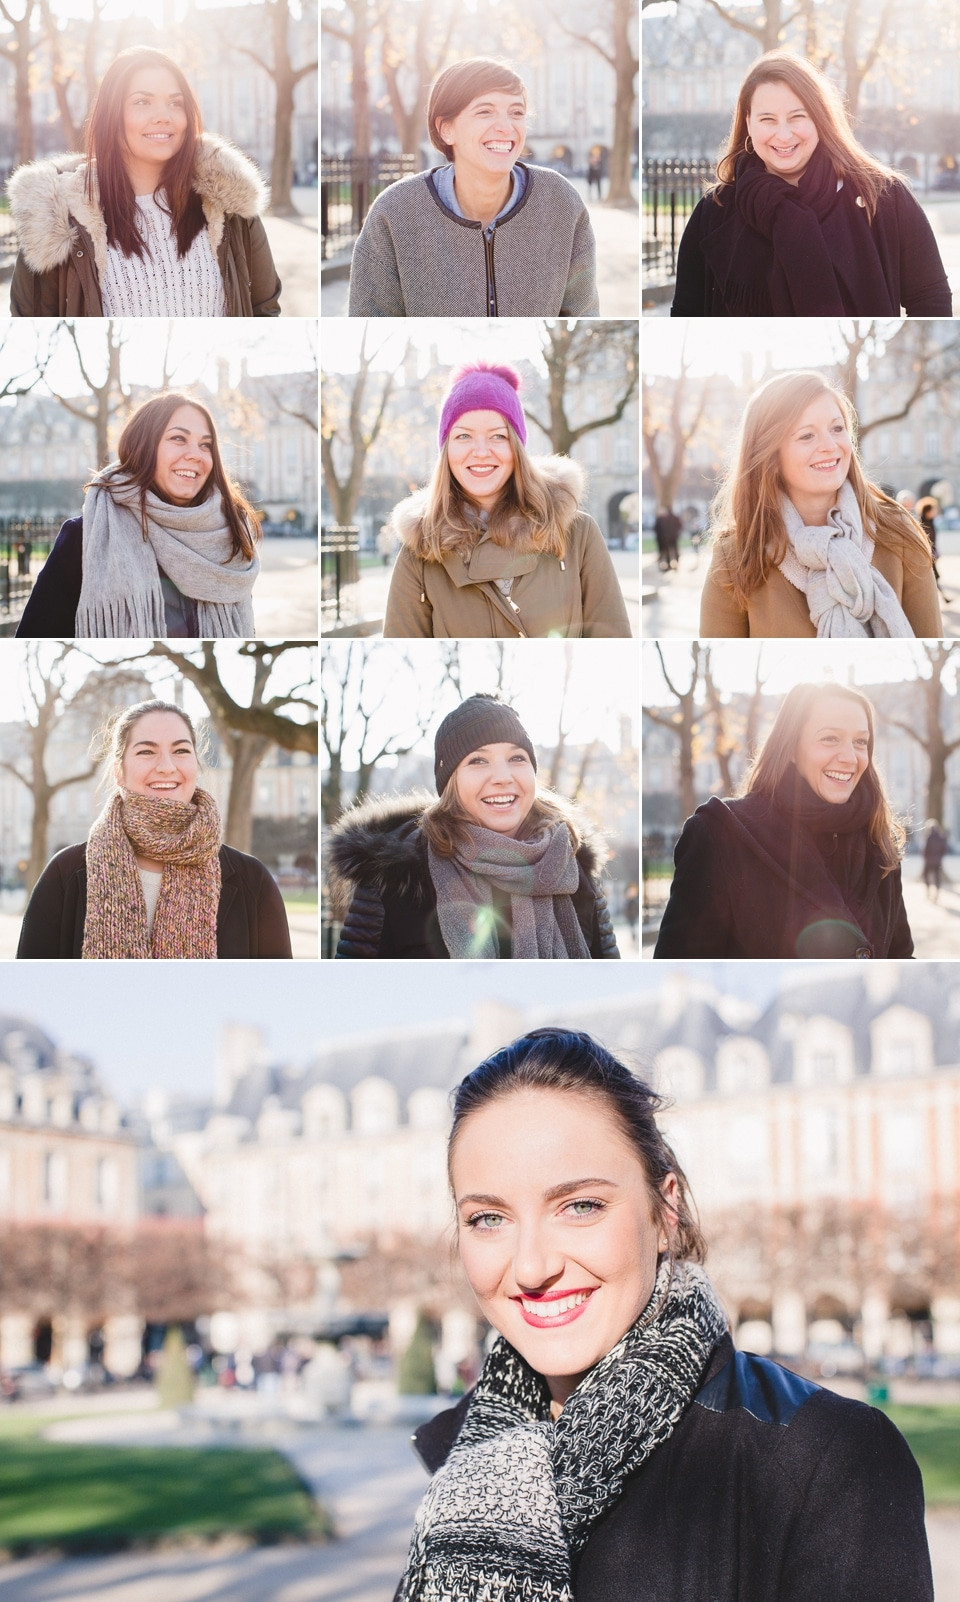 Séance photo EVJF Paris Place des Vosges portrait